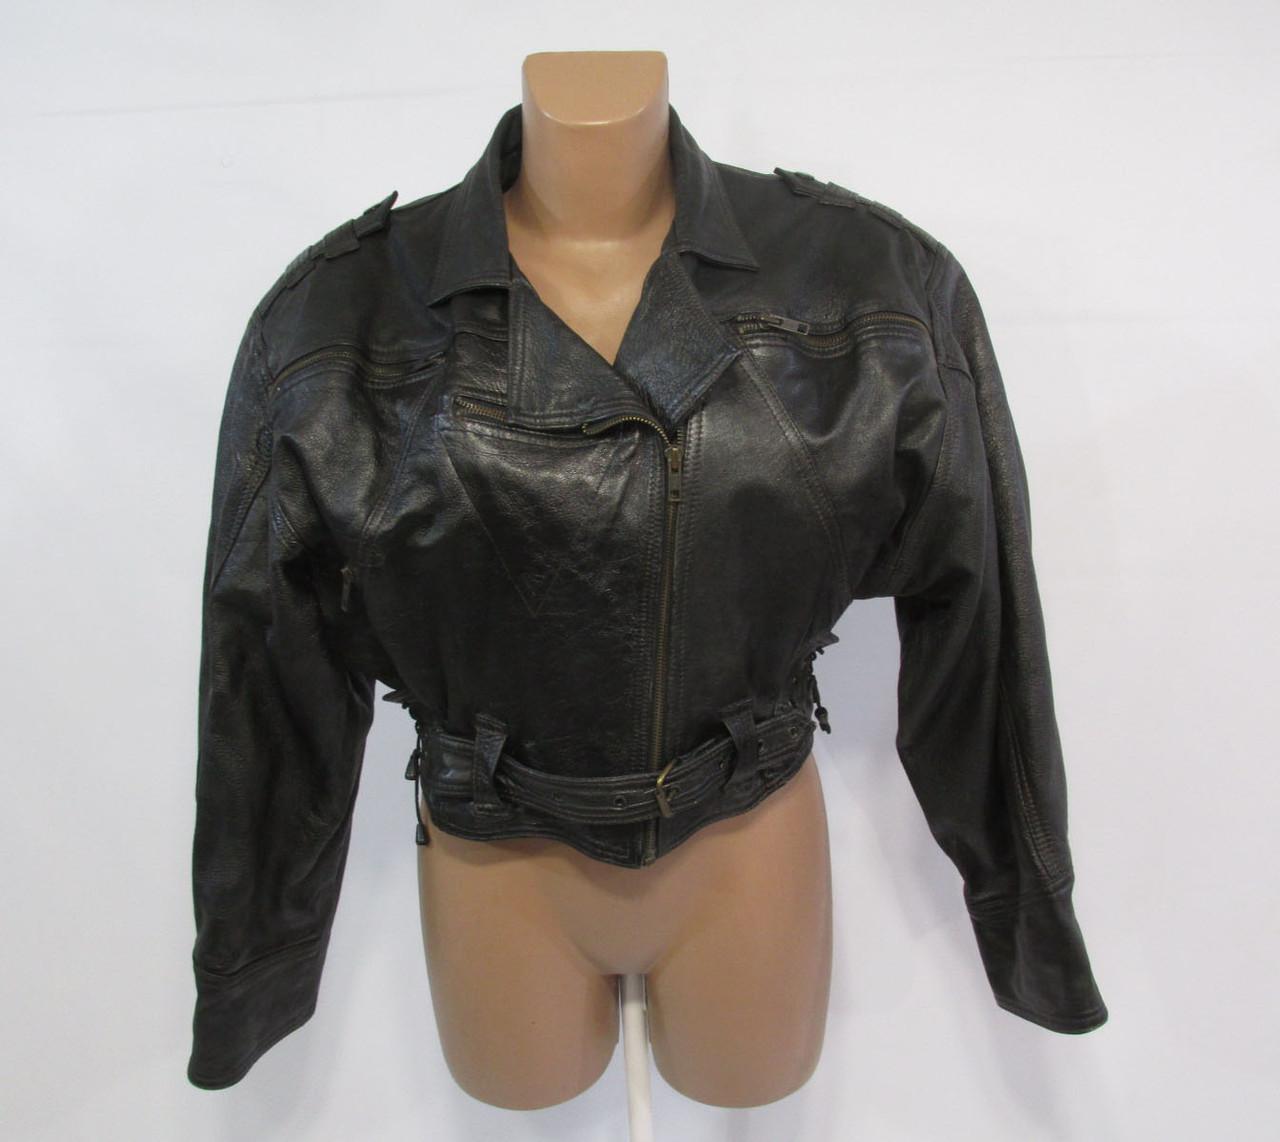 Куртка косуха черная, короткая, Размер 1 (~M-L, 14-16), Кожаная, Отл сост!